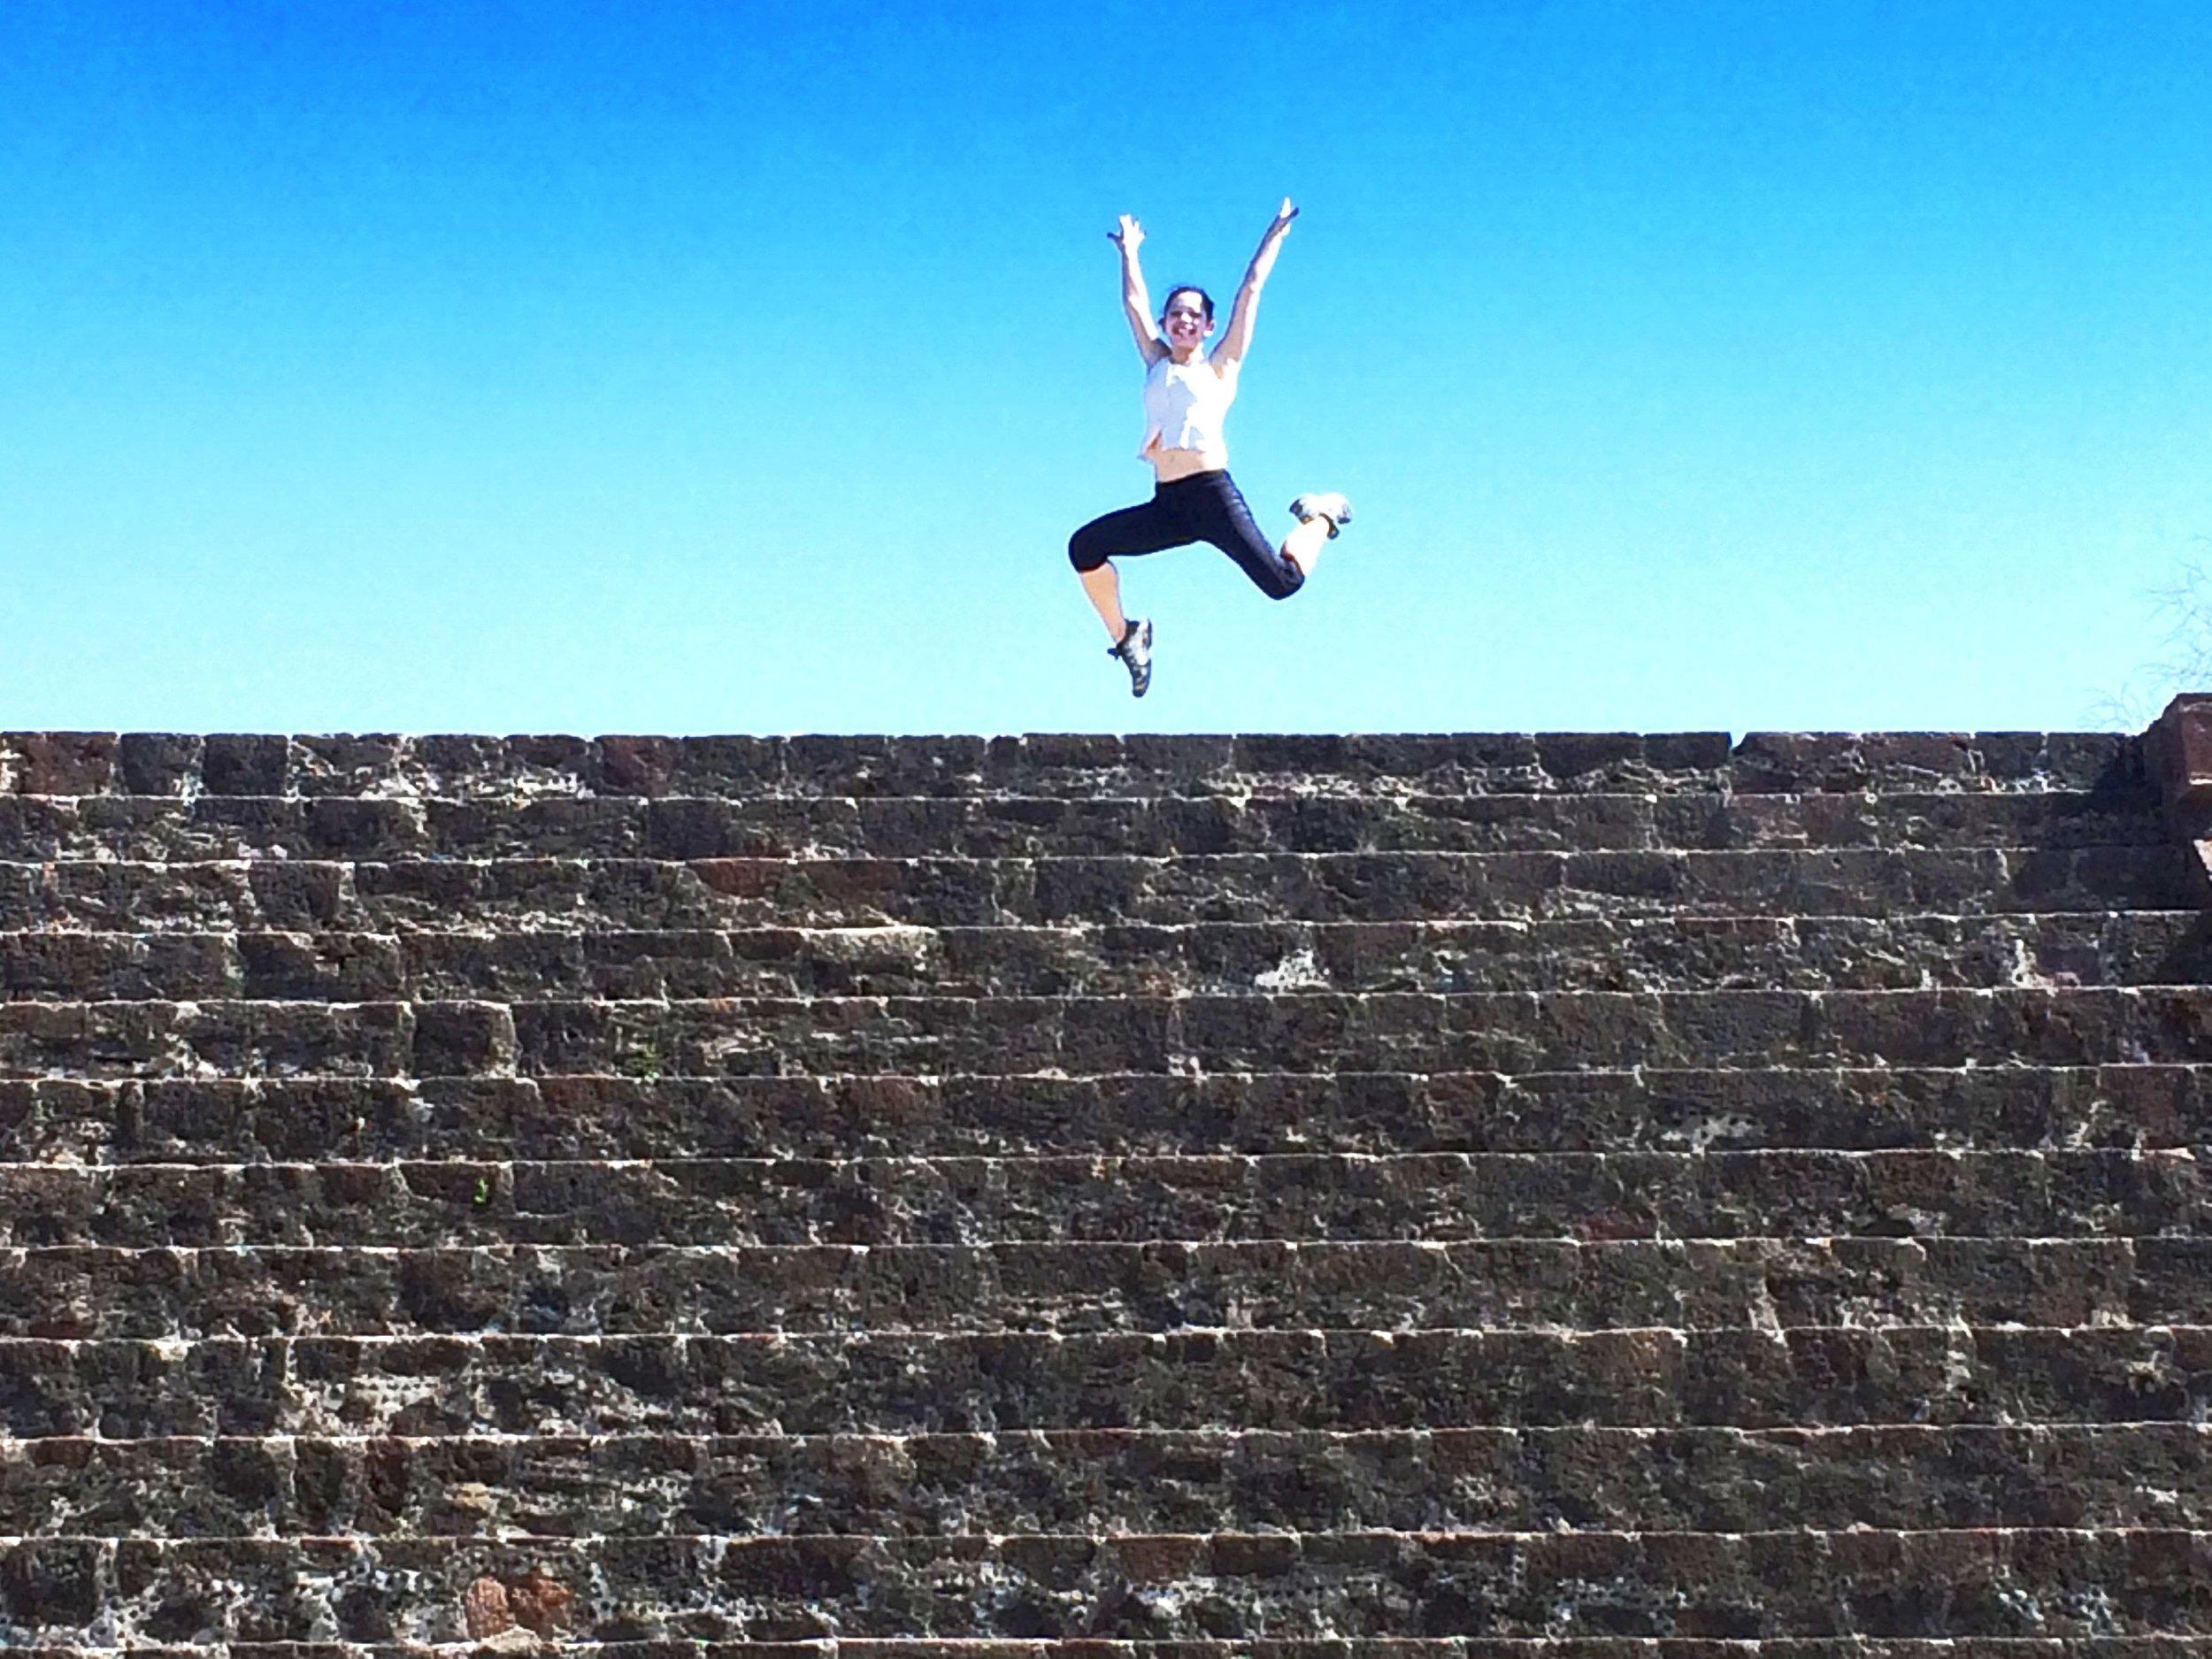 Jumping above a minor pyramid.